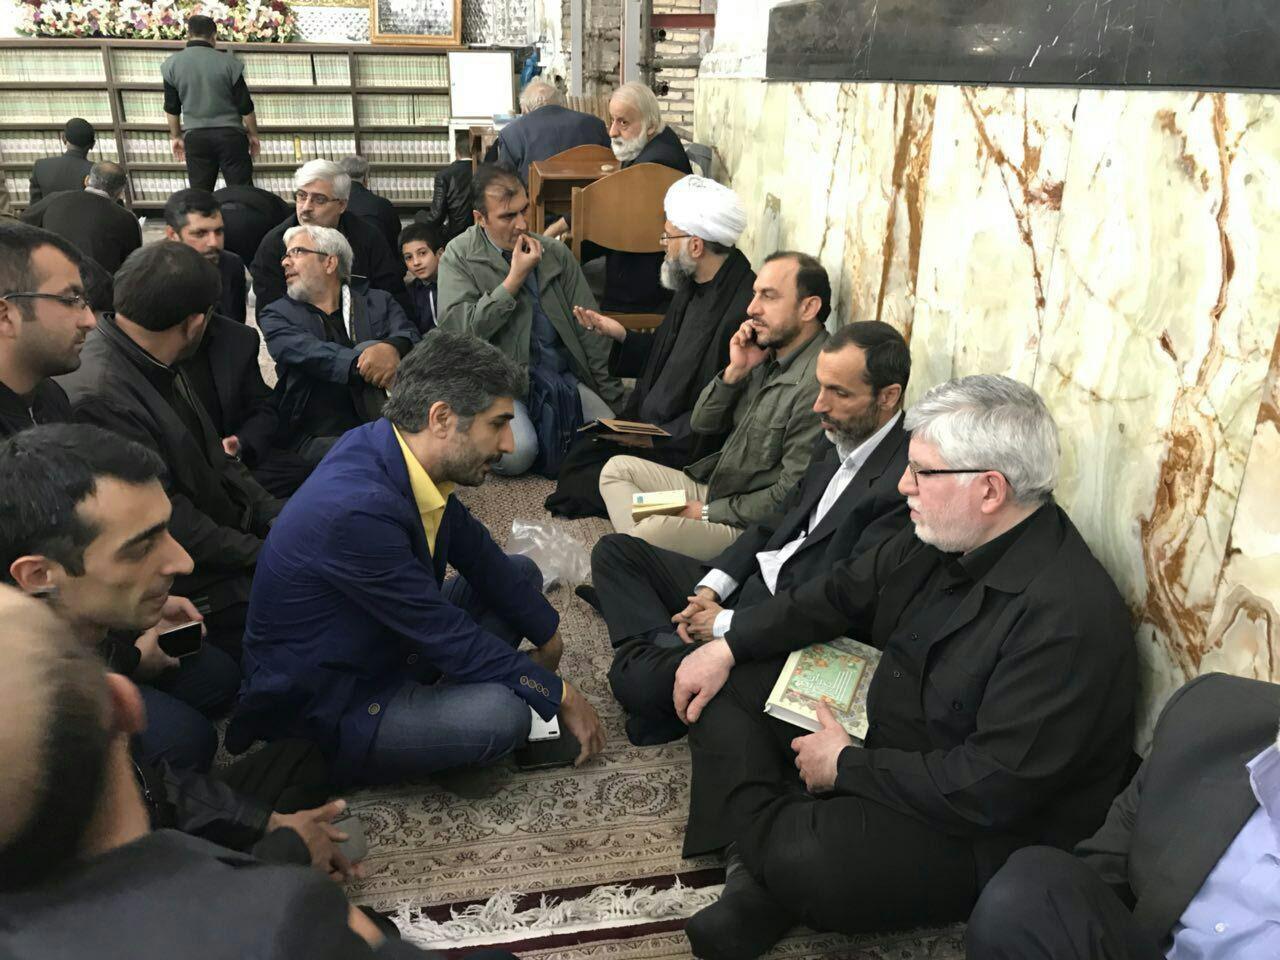 علی اکبر جوانفکر,محمود احمدی نژاد,حمید رضا بقایی